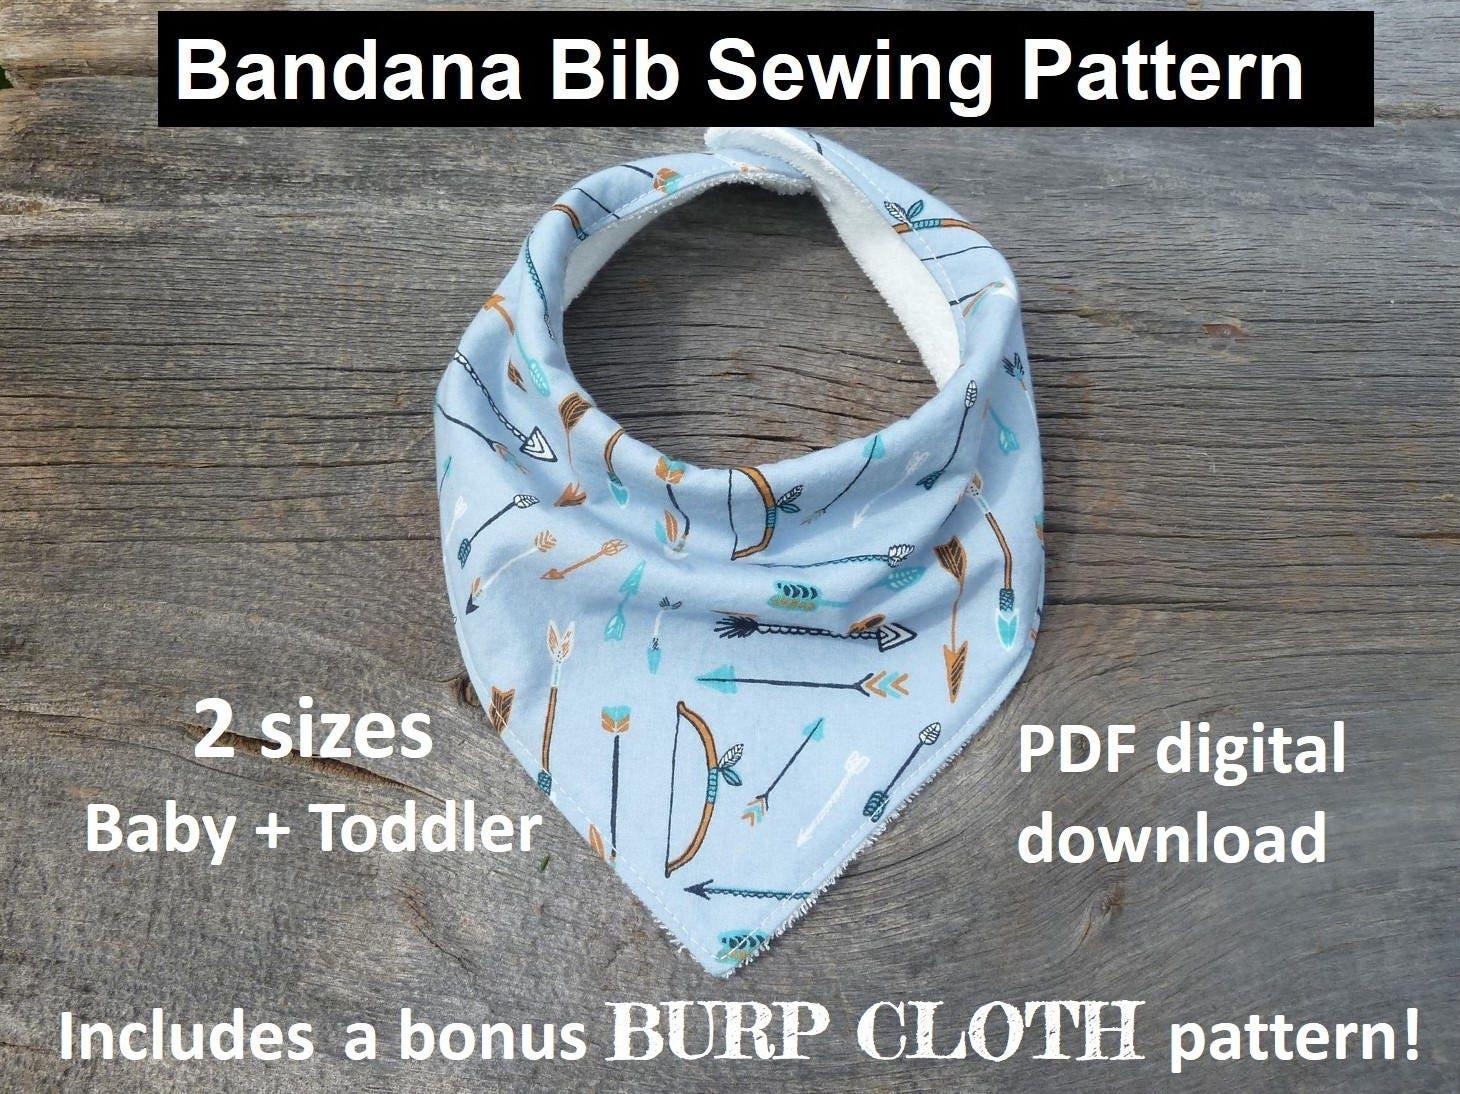 bandana bib sewing pattern, pdf bandana bib, bibdana ...